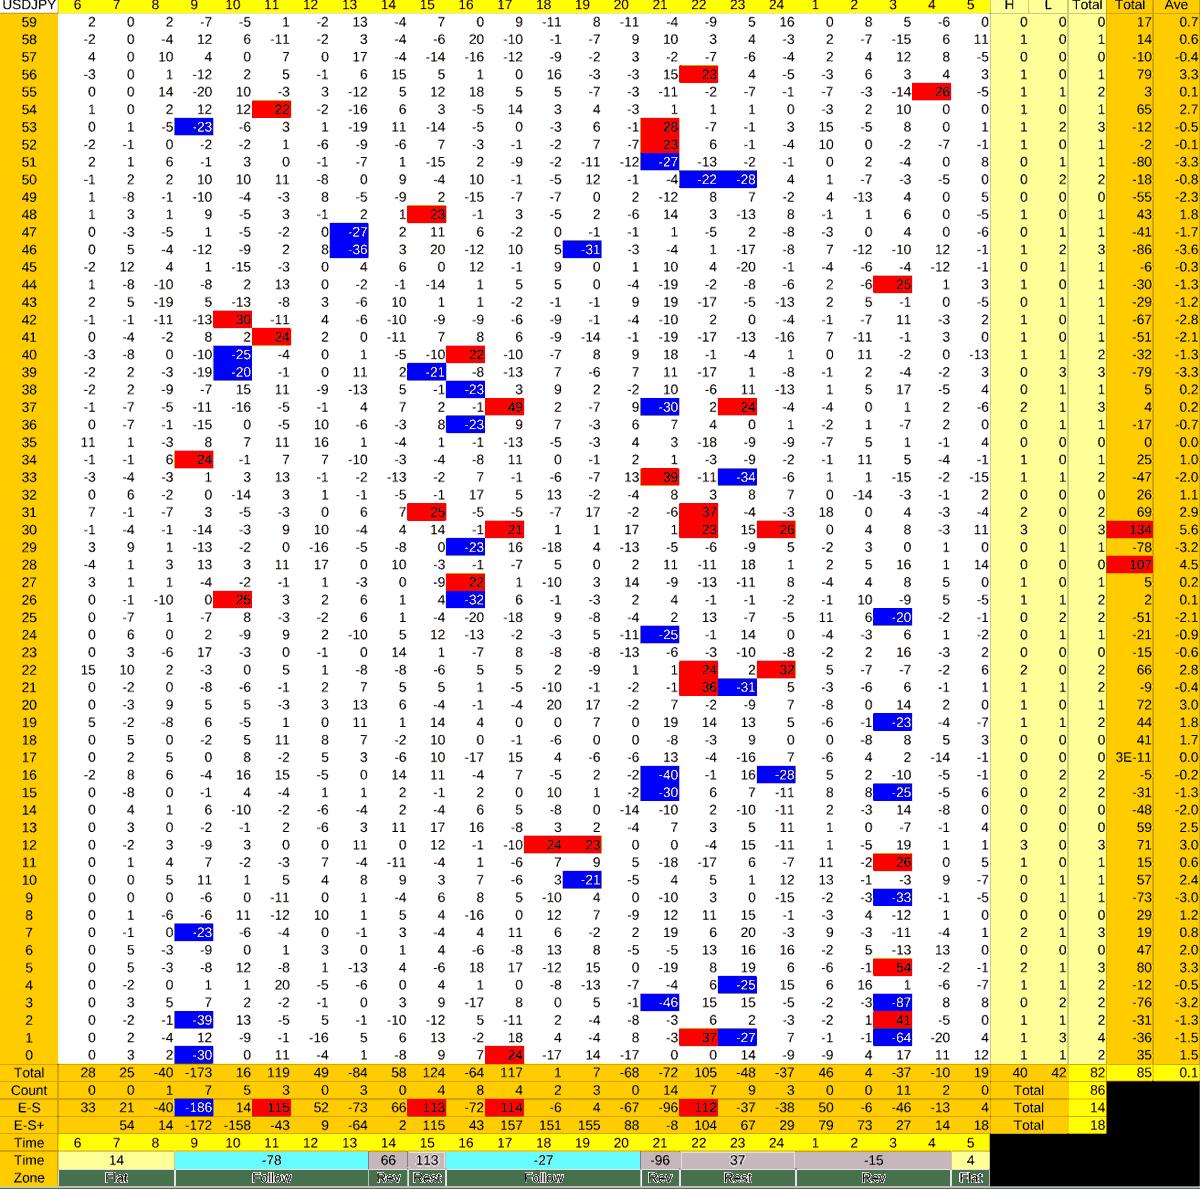 20210707_HS(1)USDJPY